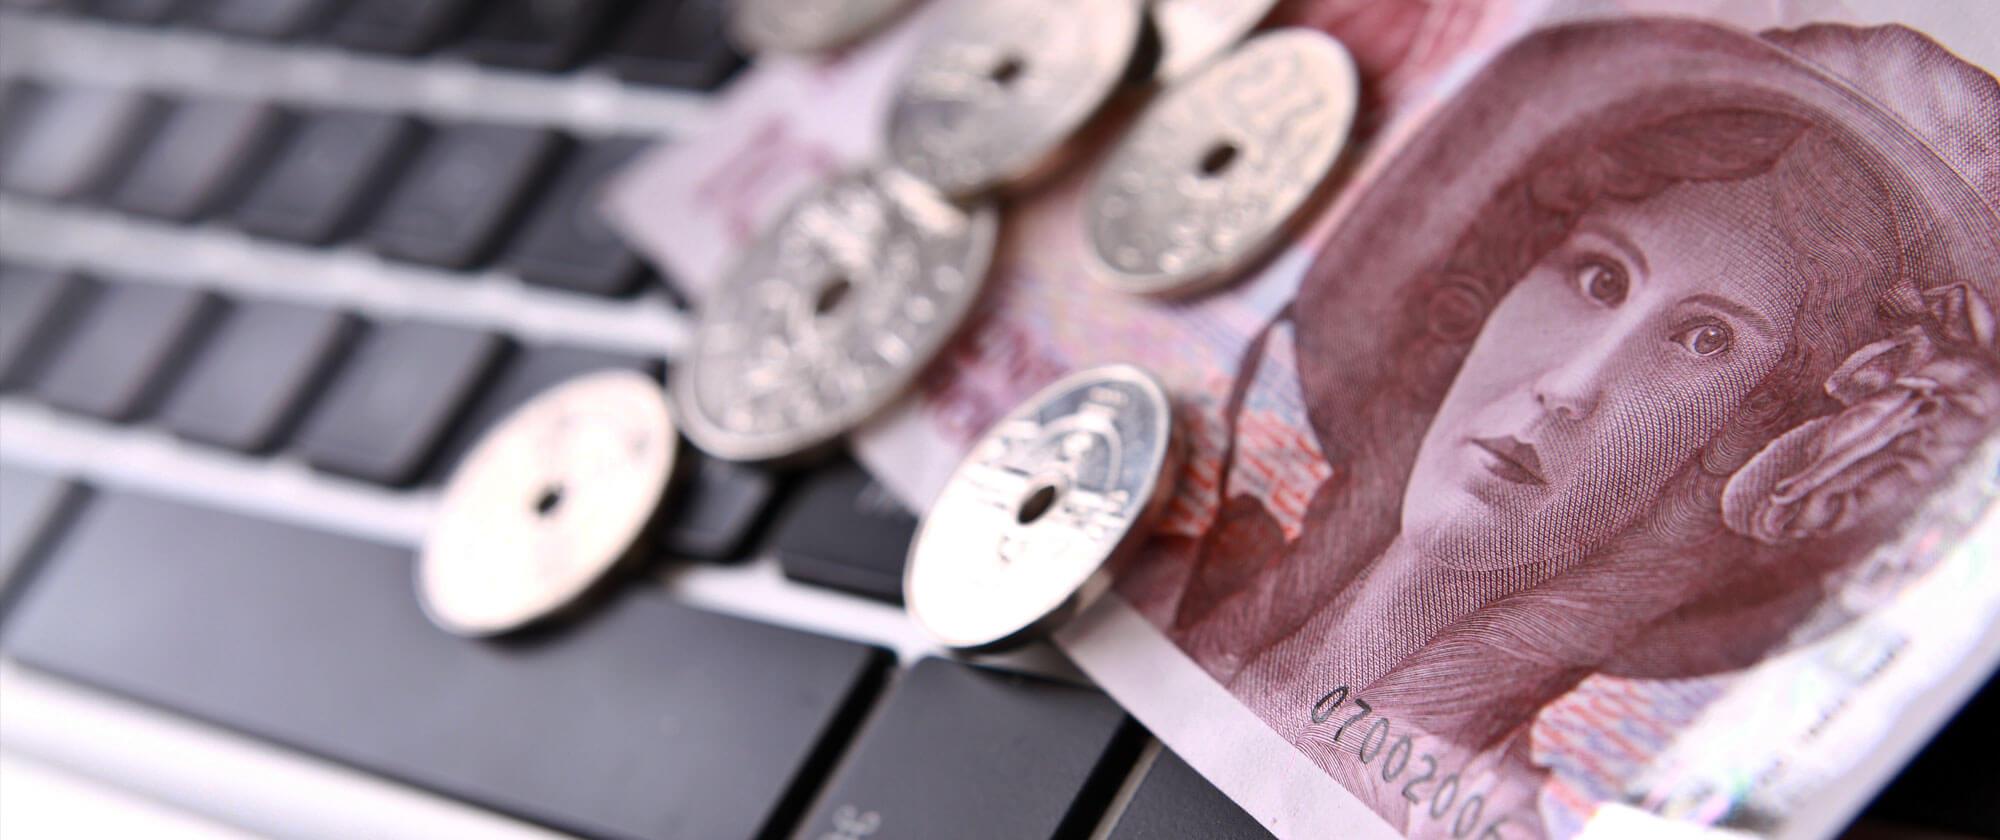 Norske penger på et tastatur